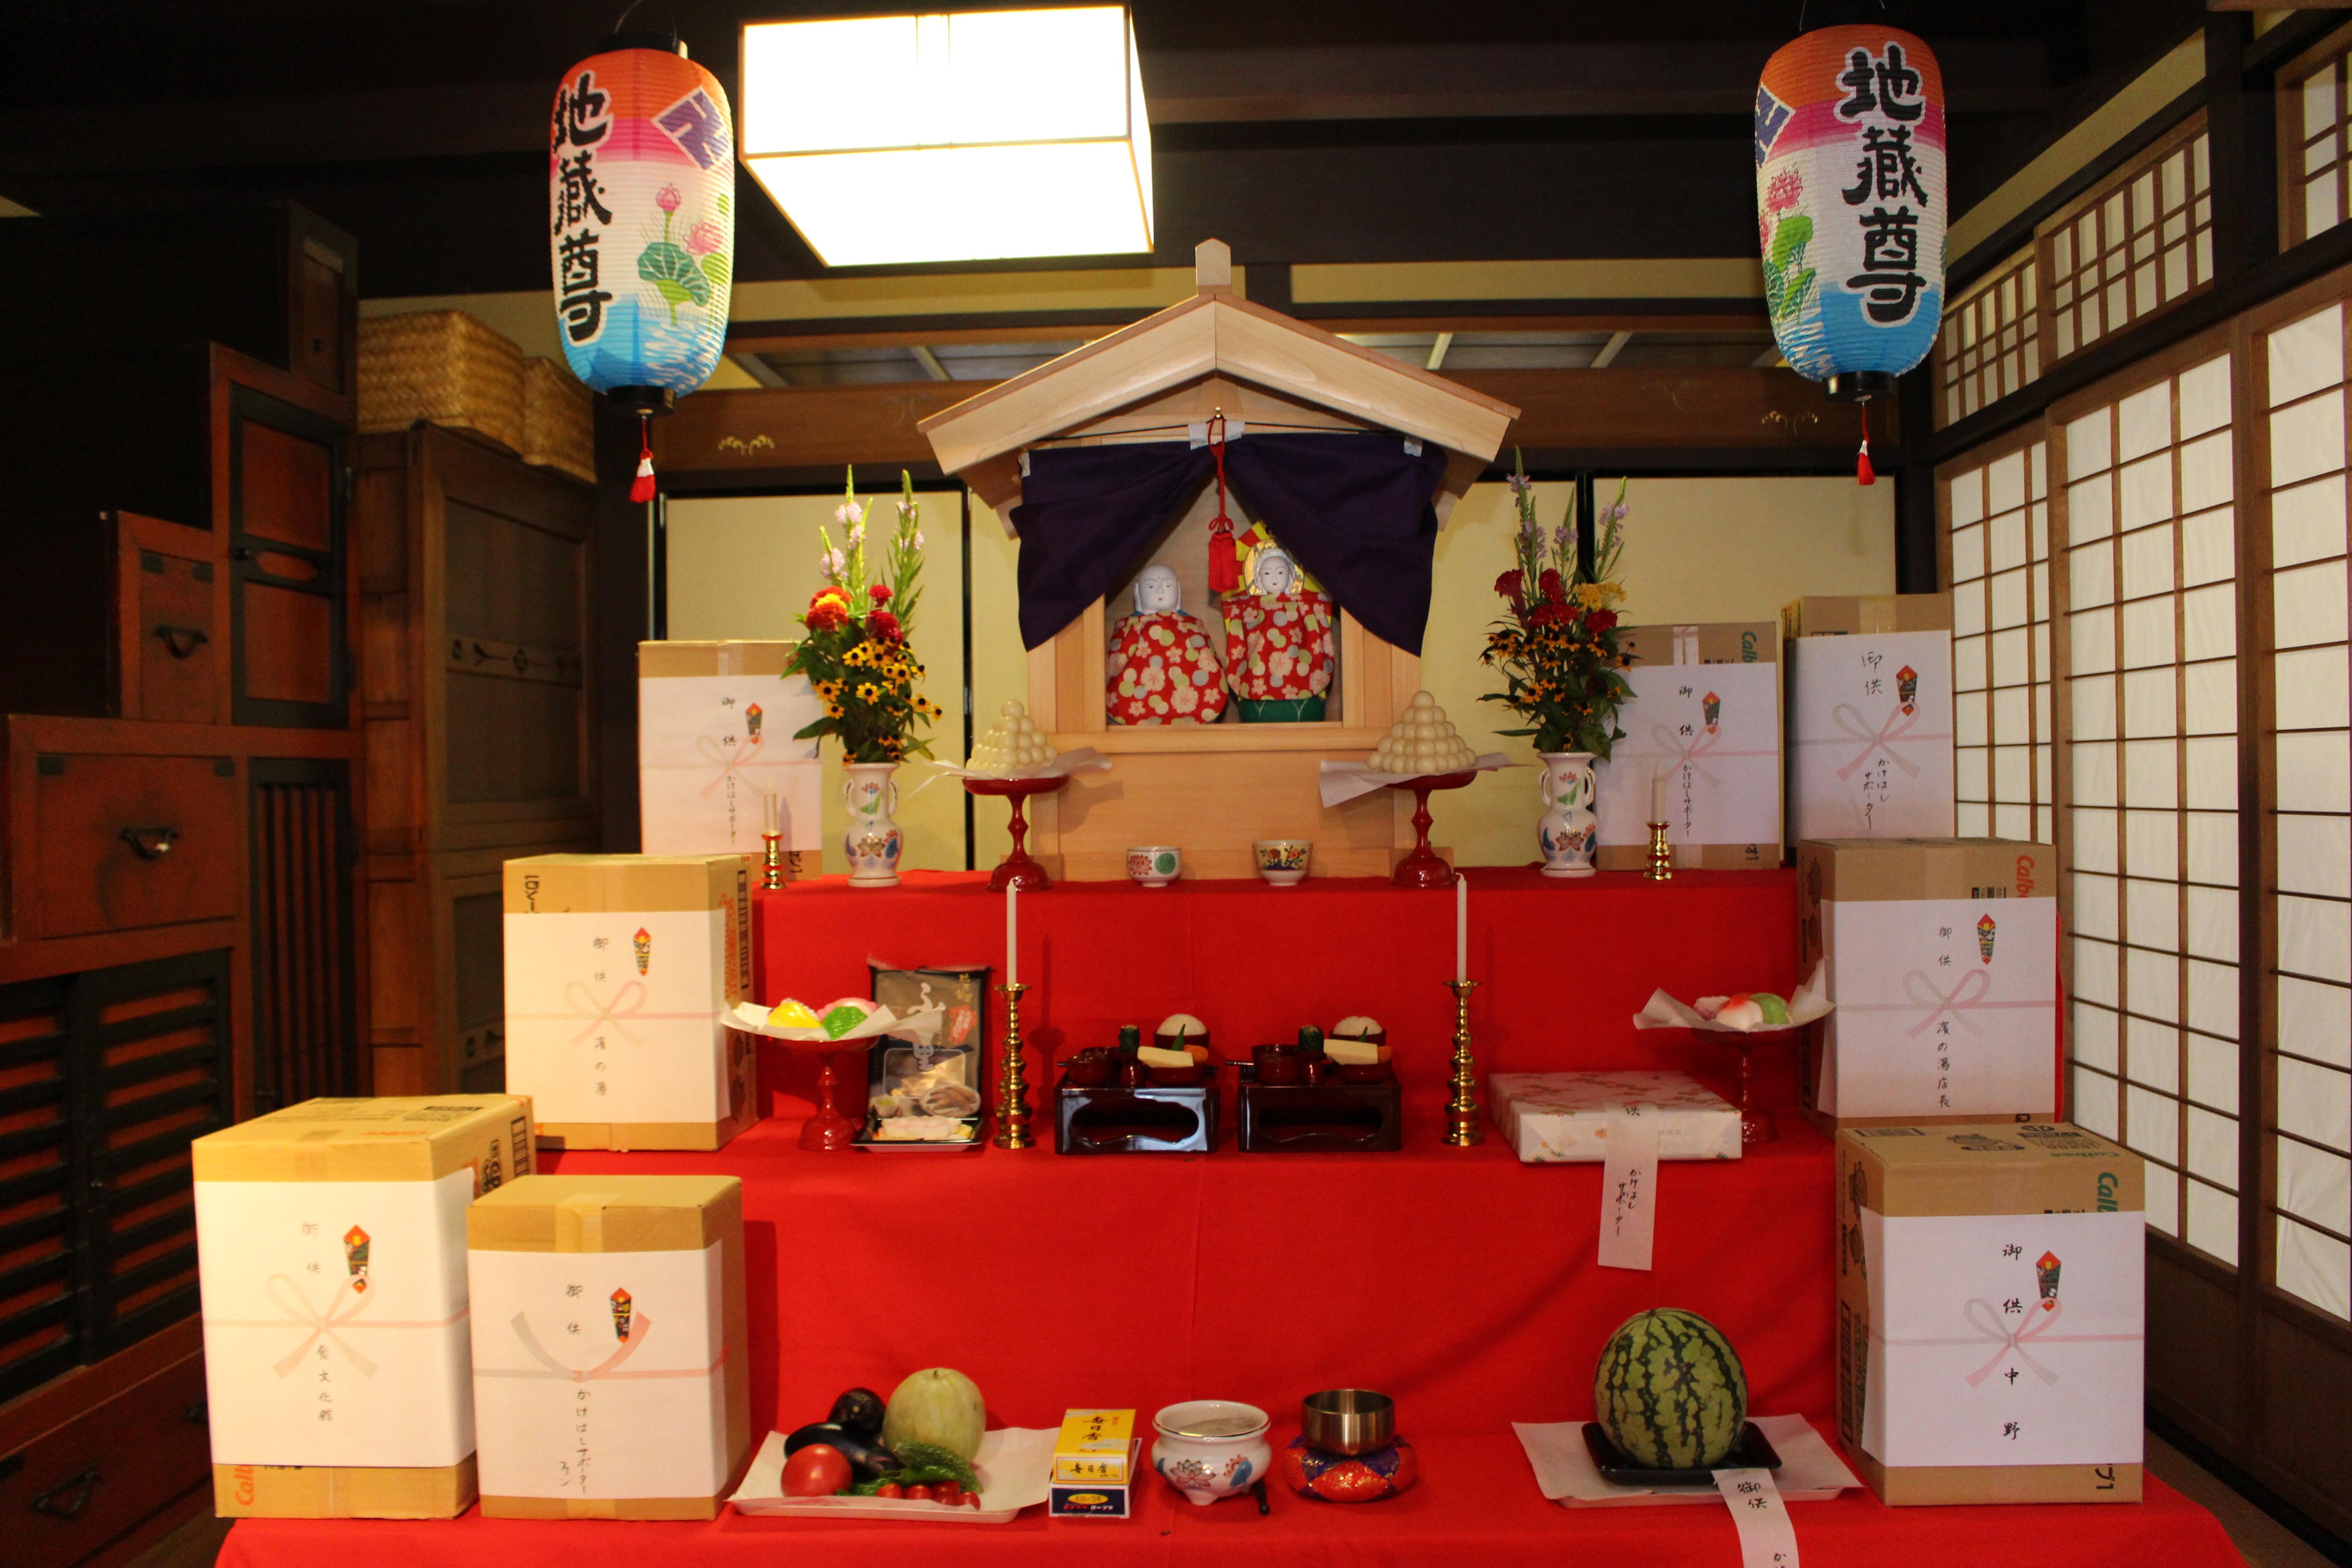 食文化館日記» 町屋に地蔵盆の飾りつけを行いました! 0d1109cc7c34